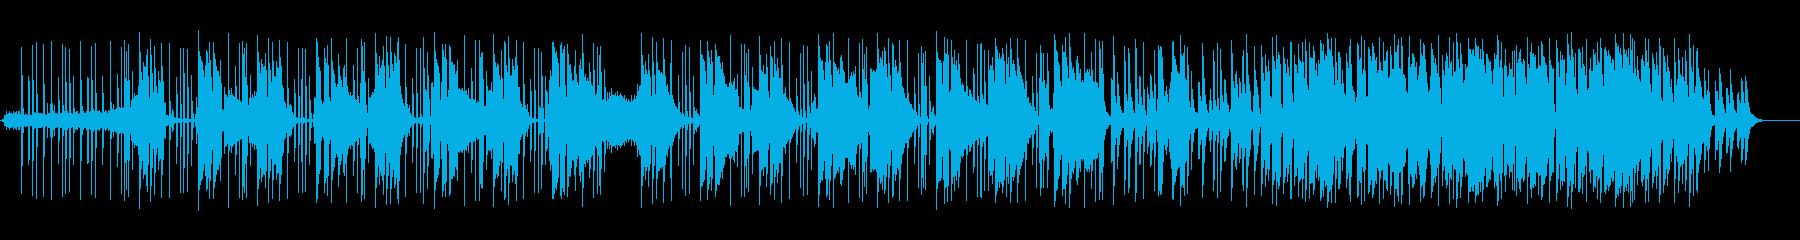 大人な雰囲気漂うヒップホップの再生済みの波形